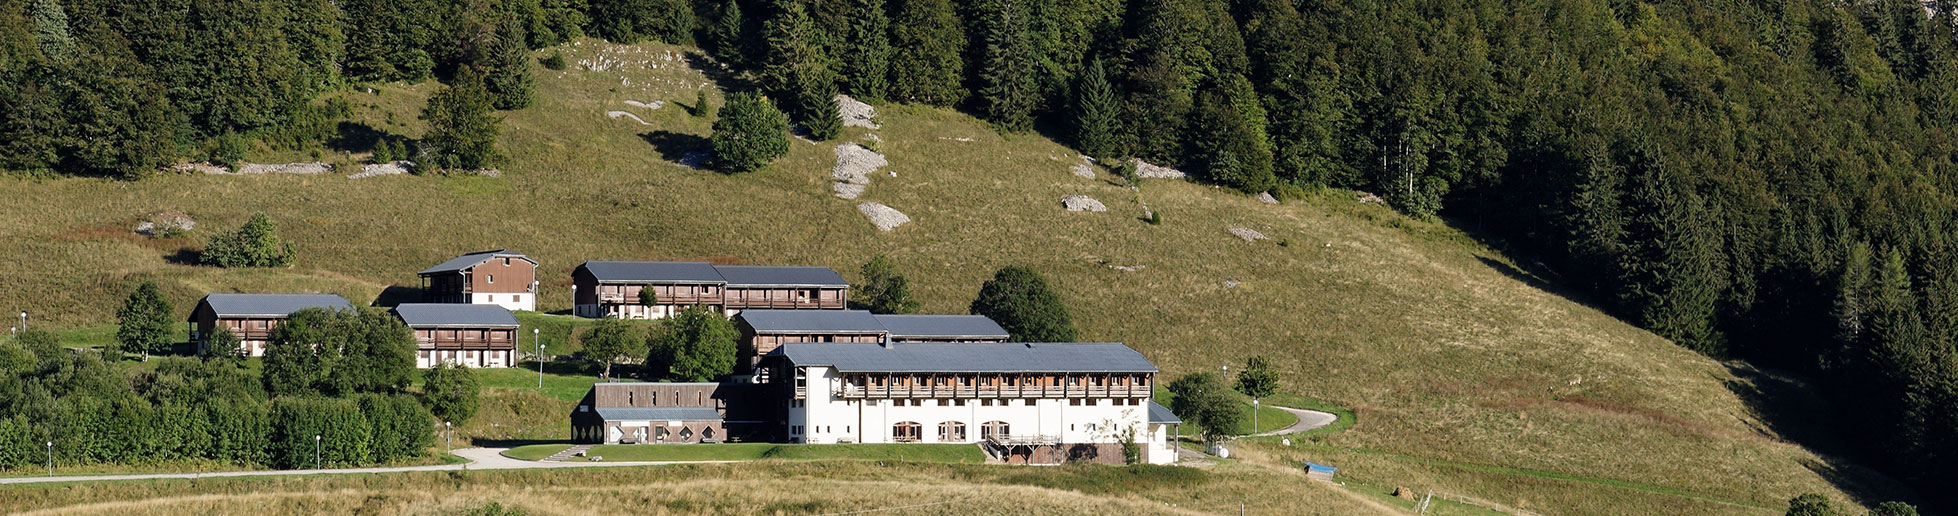 Hotel Le Risoux Bois D Amont u2013 Myqto com # Hotel Bois D Amont